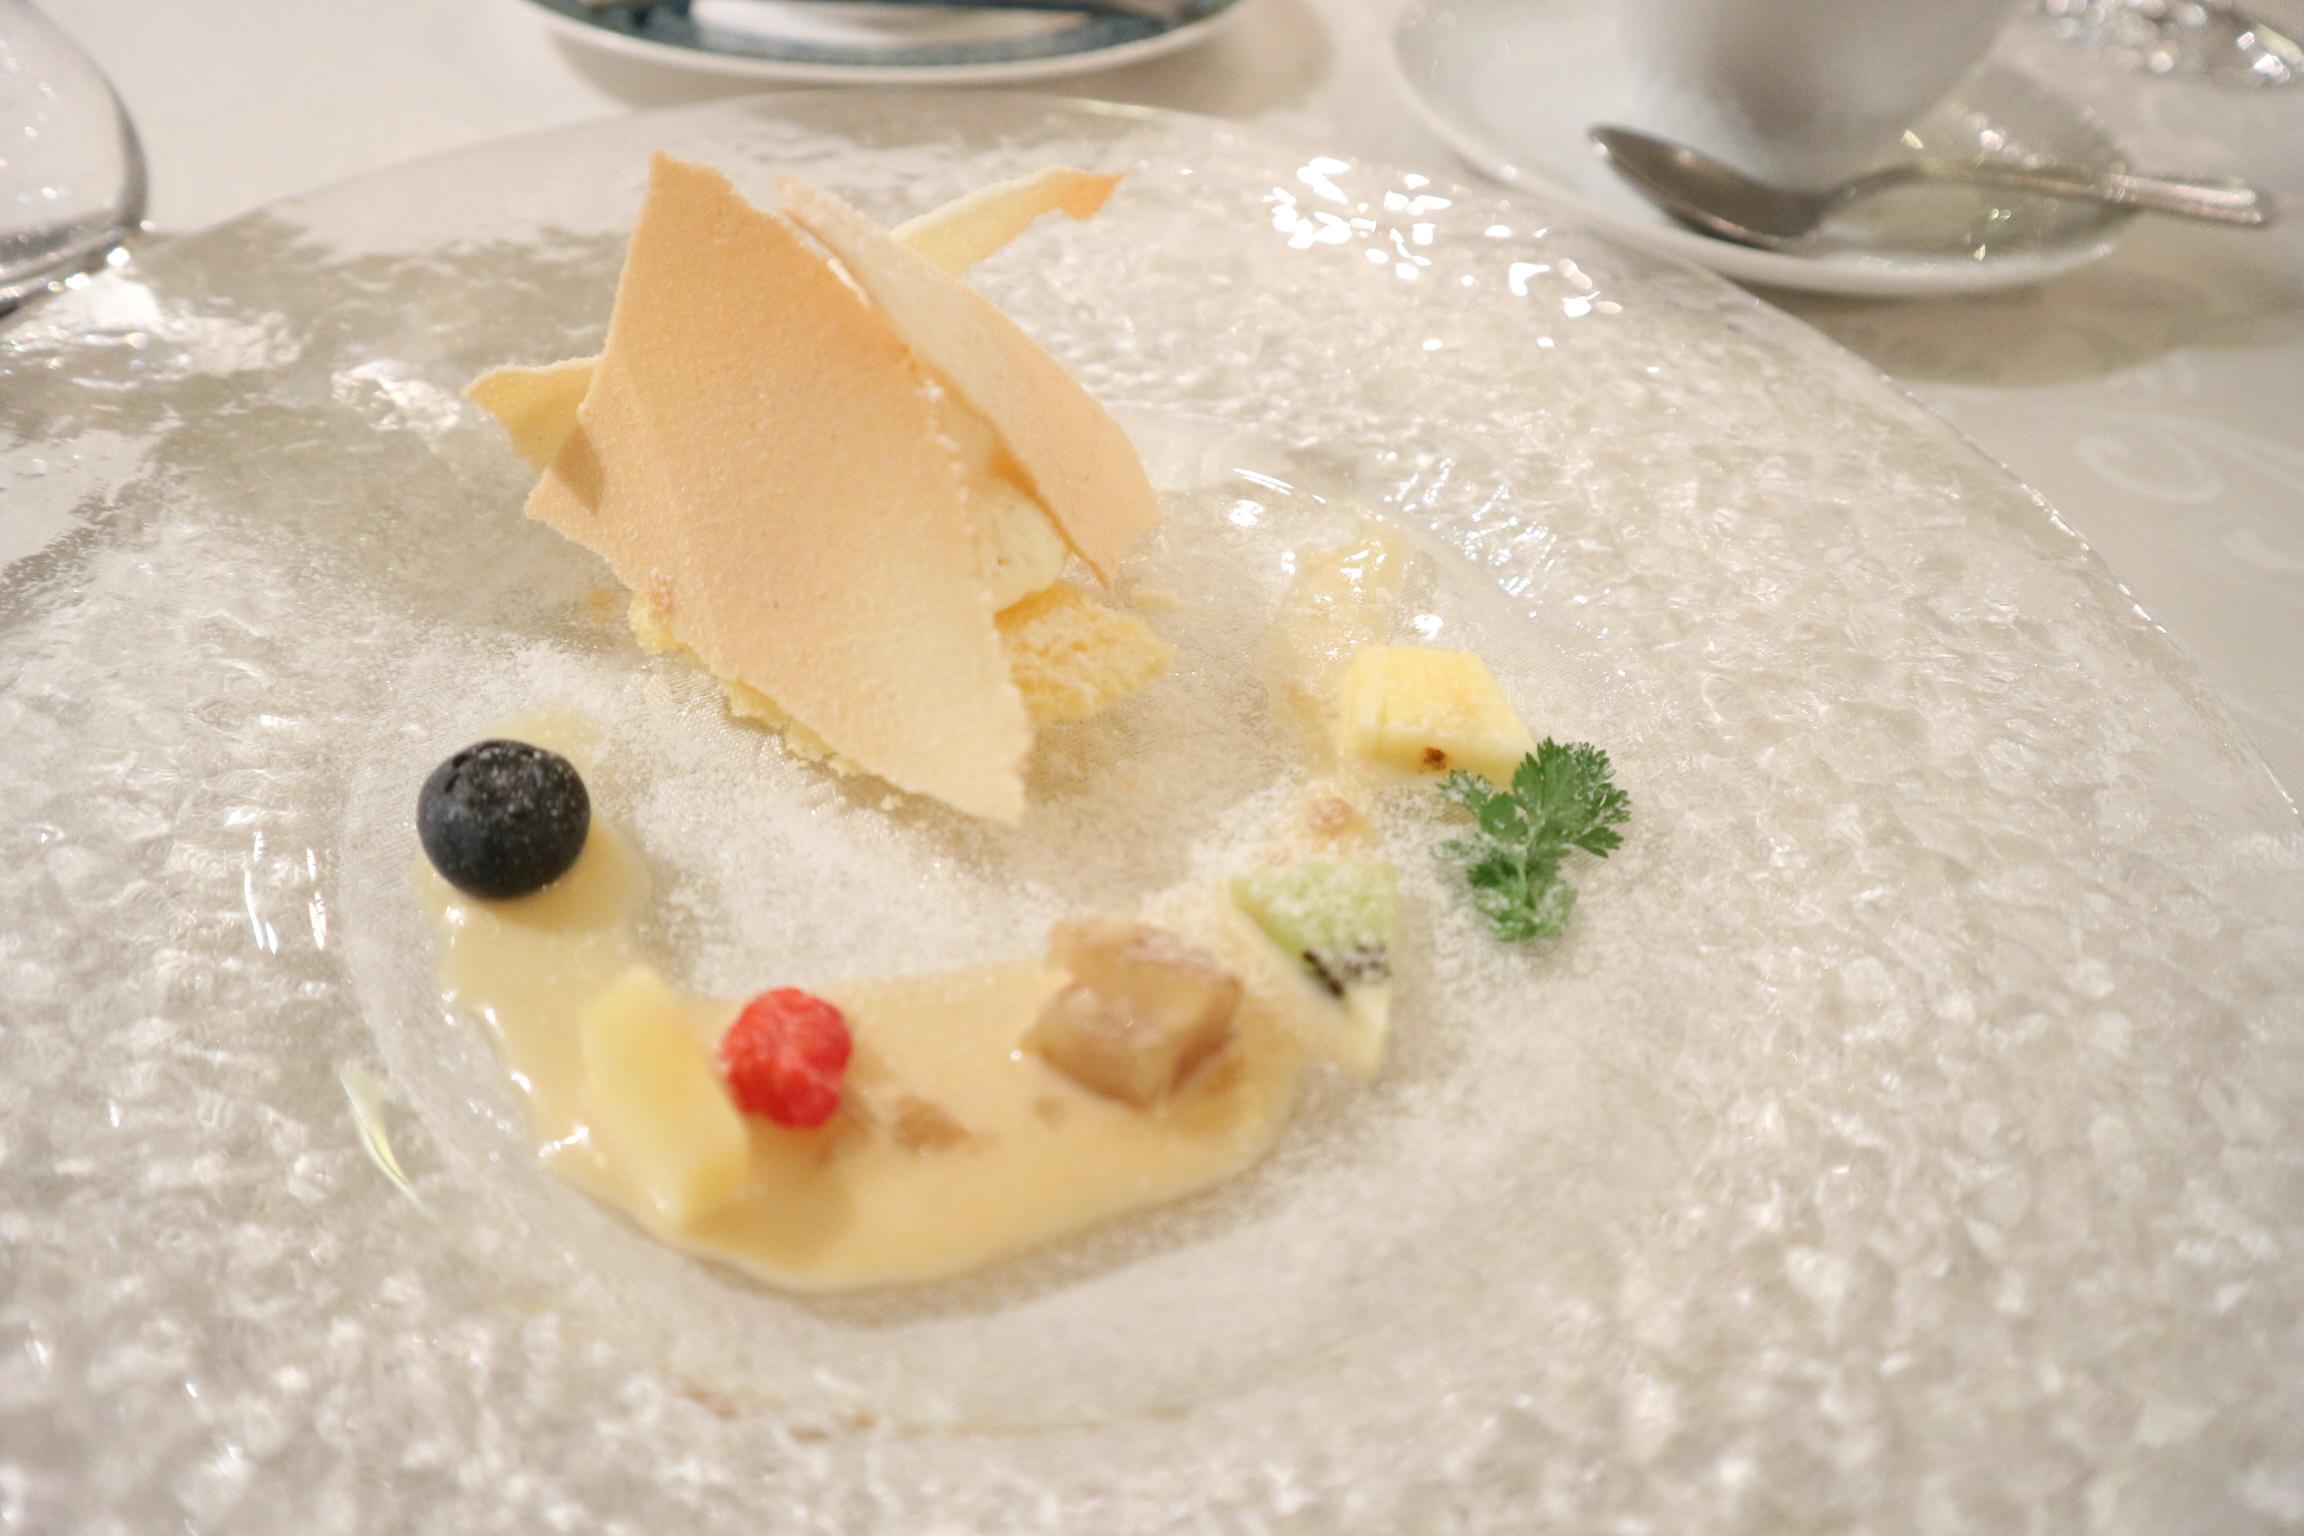 【大阪】ヨーロッパの雰囲気を味わえる♡ホテルディナーでクリスマス気分を...♡_6